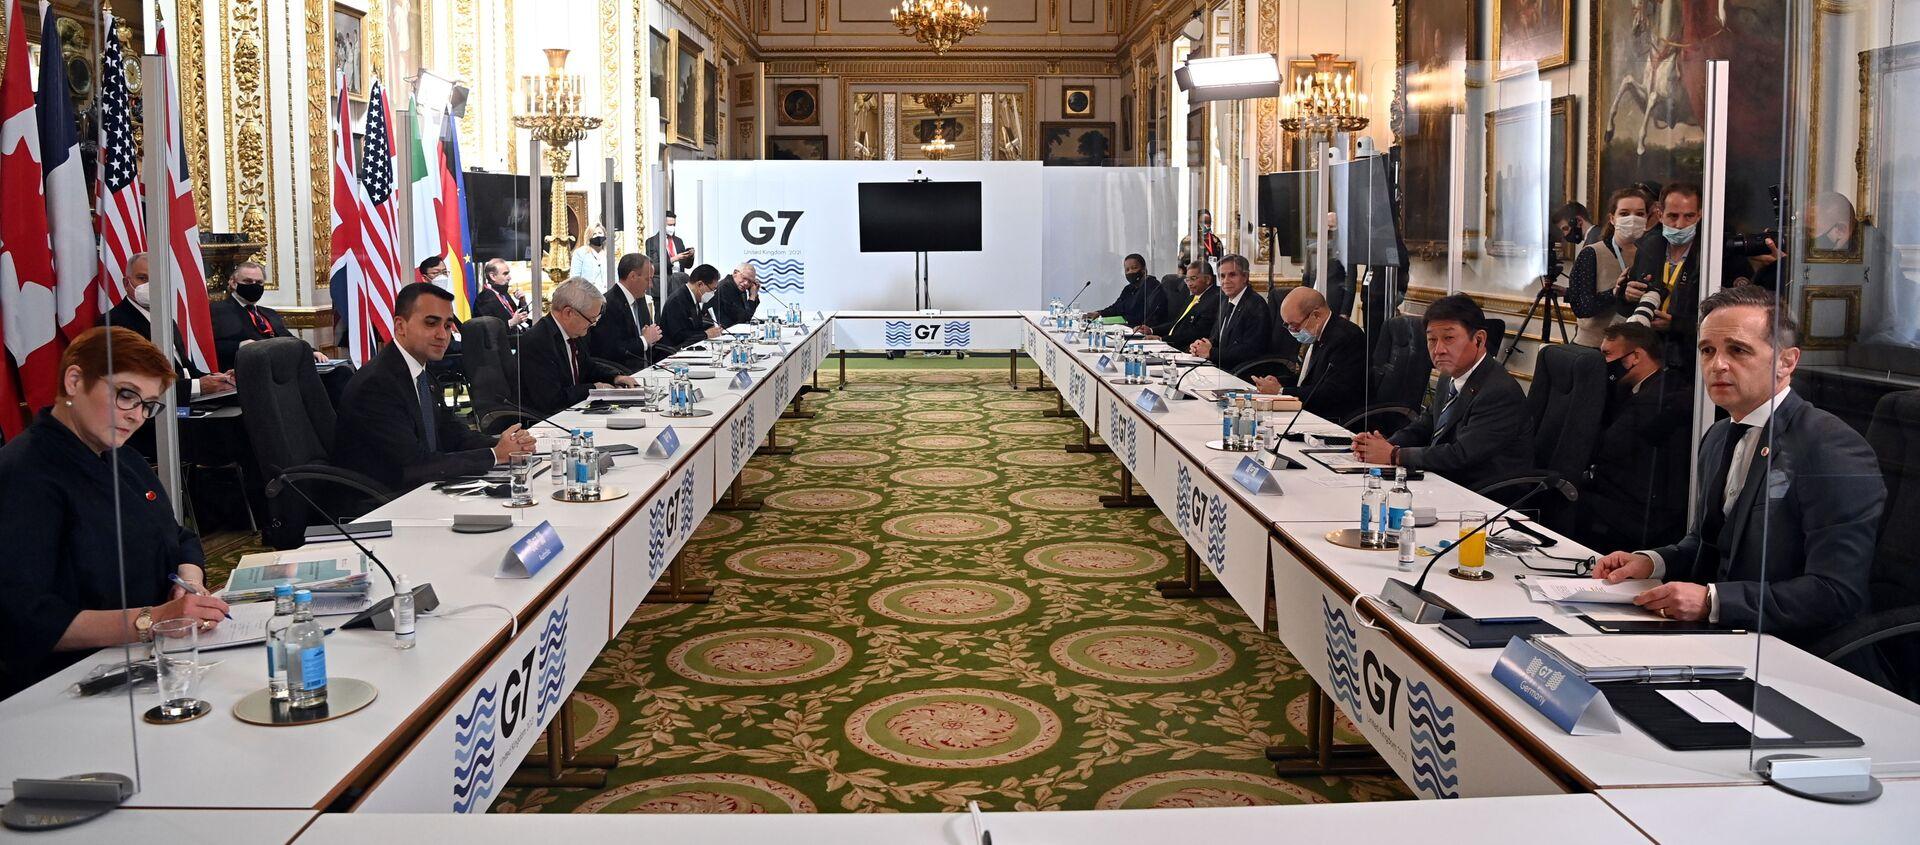 Londra'da bir araya gelen G7 dışişleri bakanları - Sputnik Türkiye, 1920, 05.05.2021